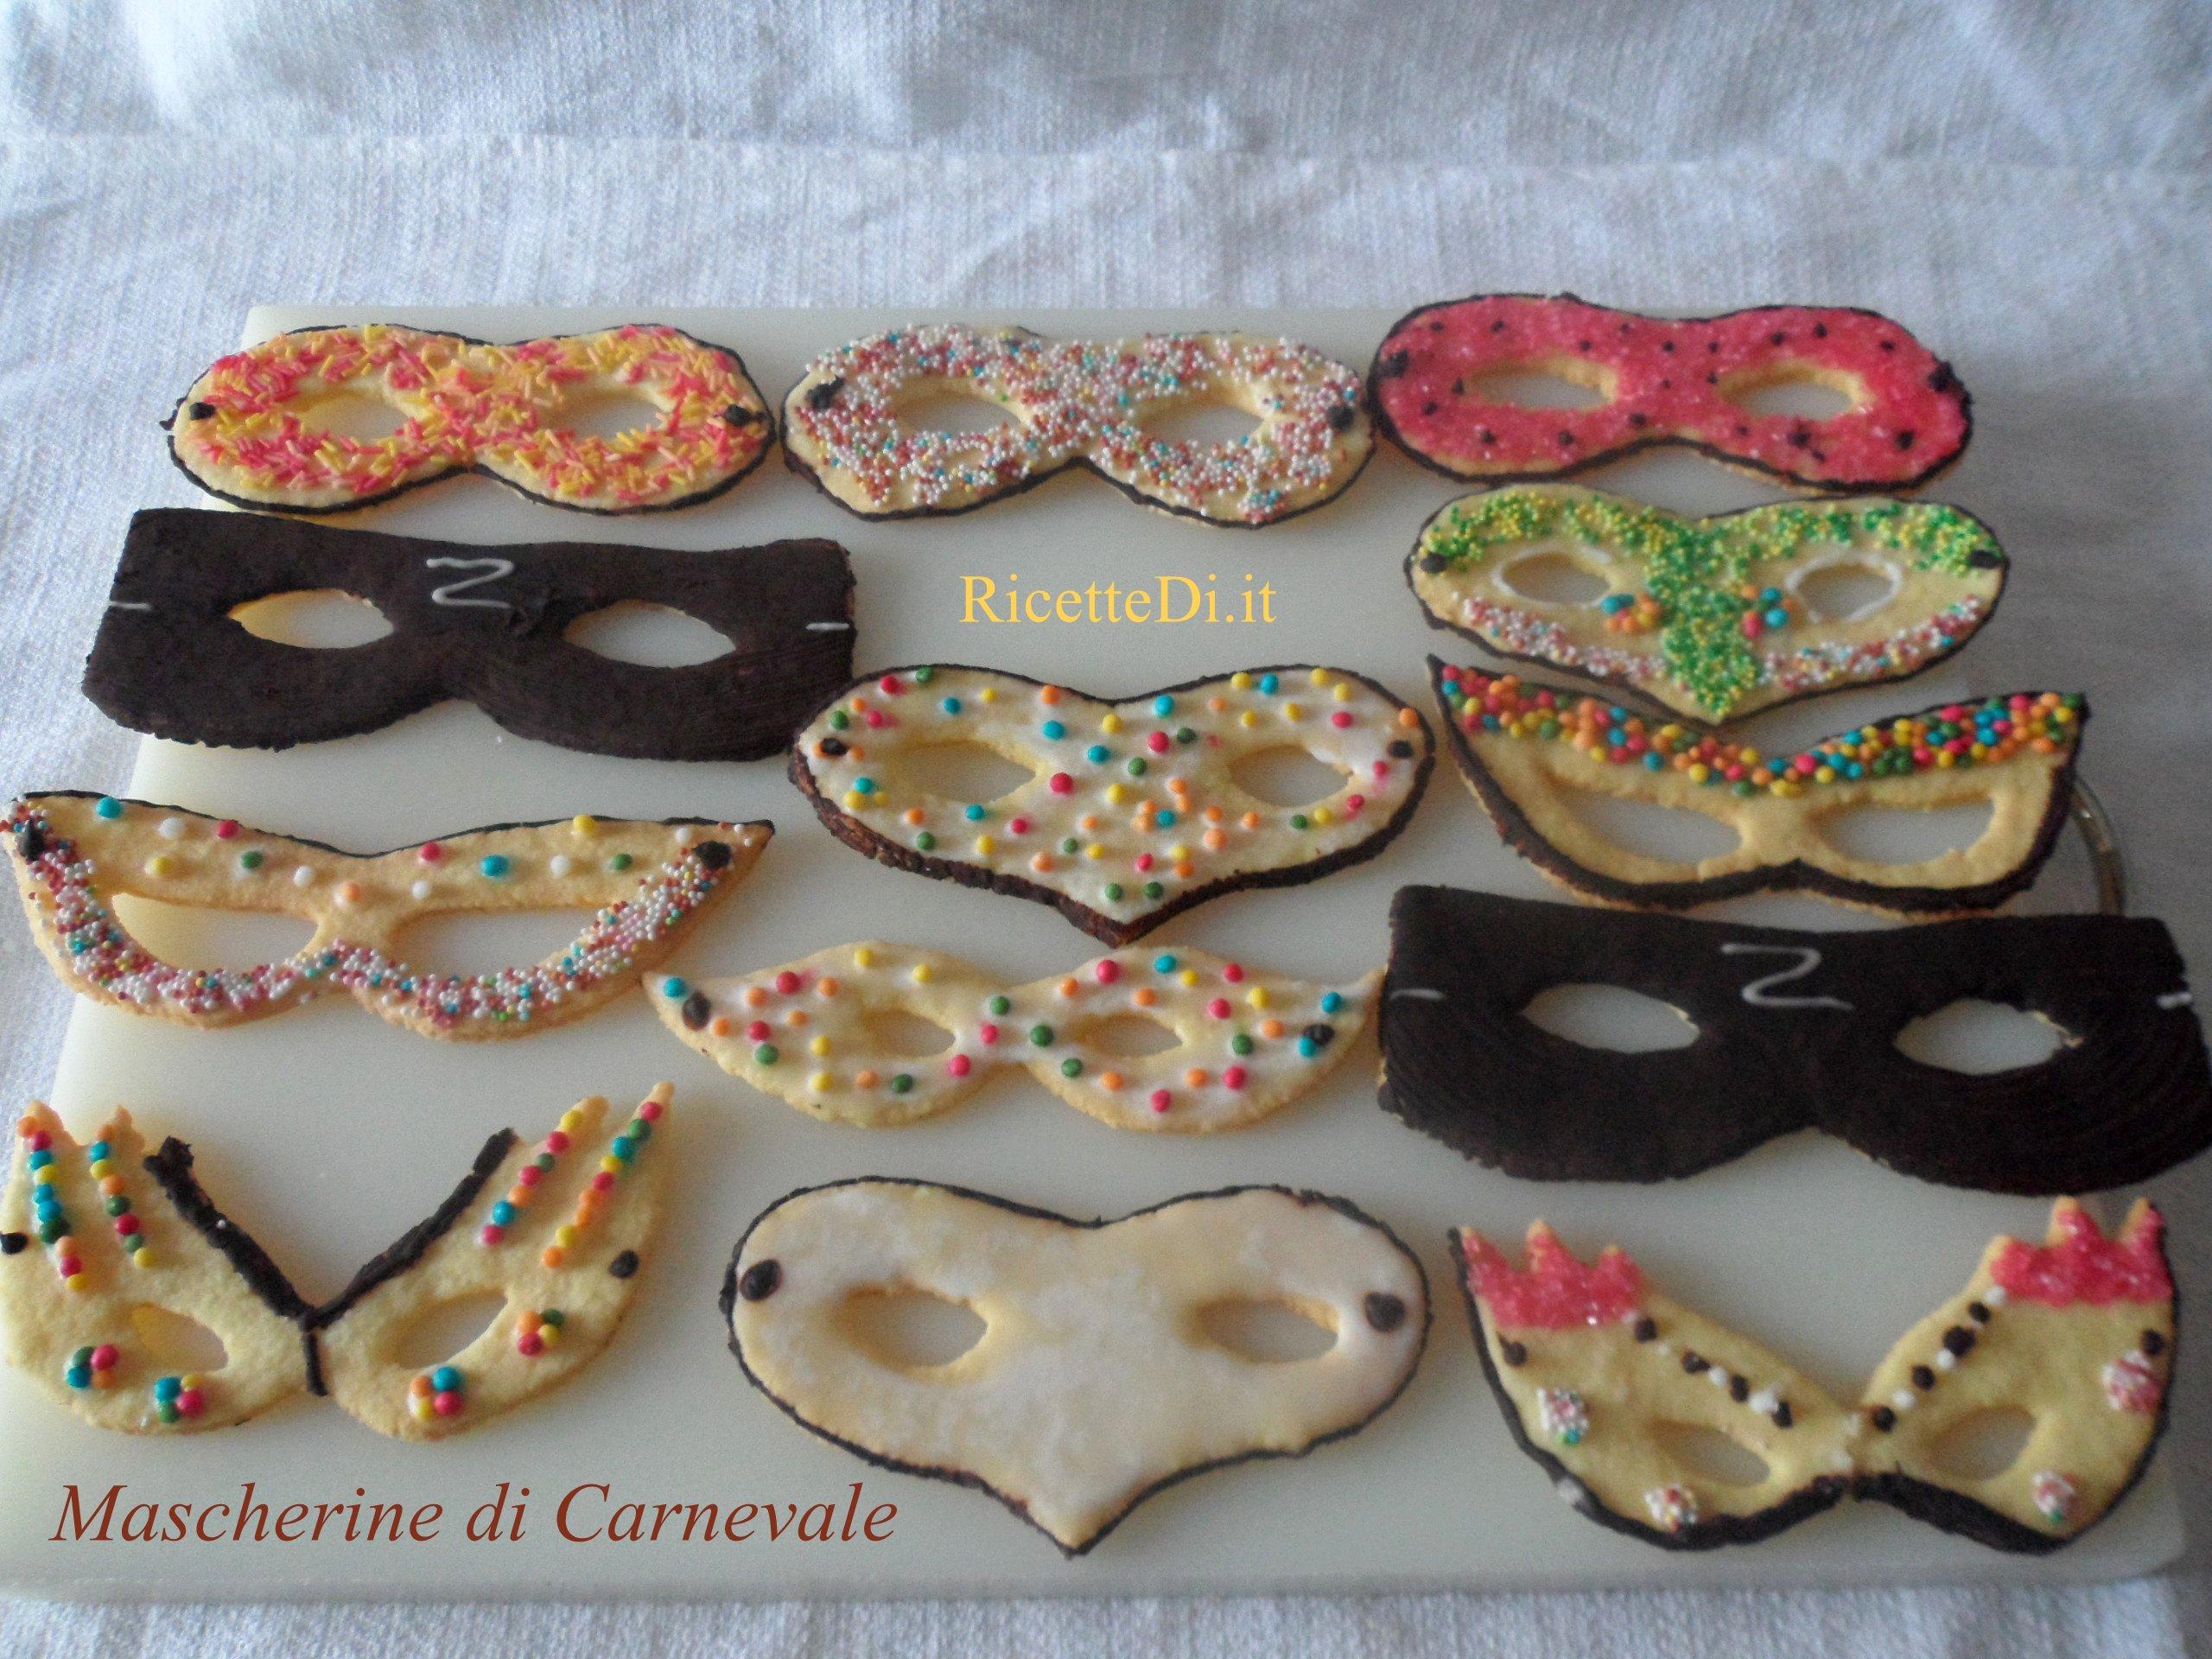 Biscotti di Carnevale - RicetteDi.it be9eccd012ce